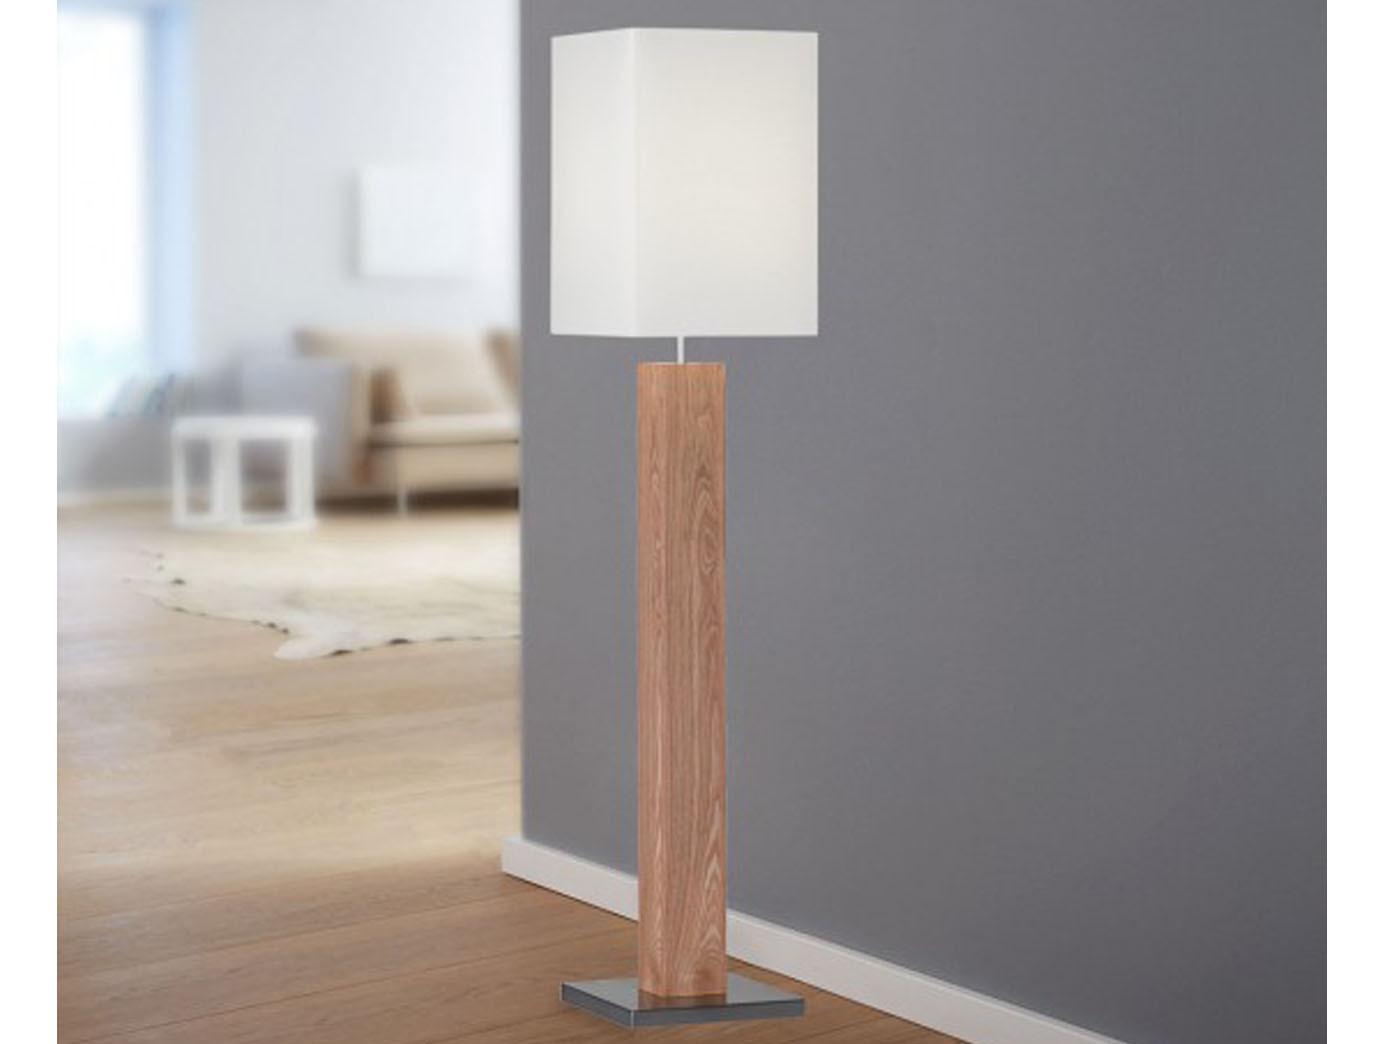 Stehlampe Wohnzimmer Holz Planen